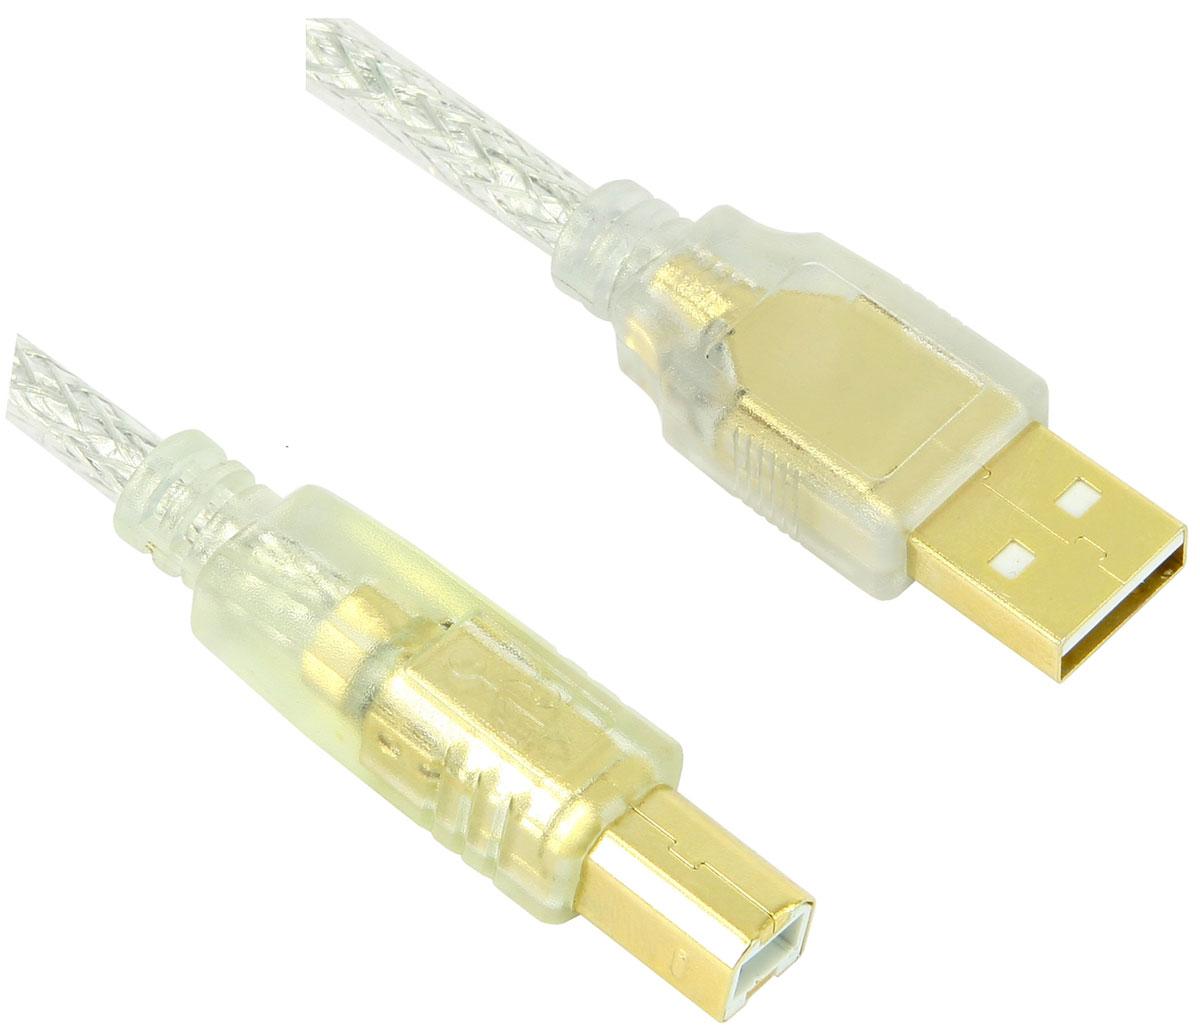 Greenconnect GCR-UPC2M-BD2SG кабель интерфейсный USB 2.0 тип A/B (1 м)GCR-UPC2M-BD2SG-1.0mКабель Greenconnect GCR-UPC2M-BD2SG необходим для подключения к компьютеру принтера, камеры, сканера, МФУ и других устройств с разъемом USB тип B. Экранирование гарантированно защищает сигнал от помех и искажений.